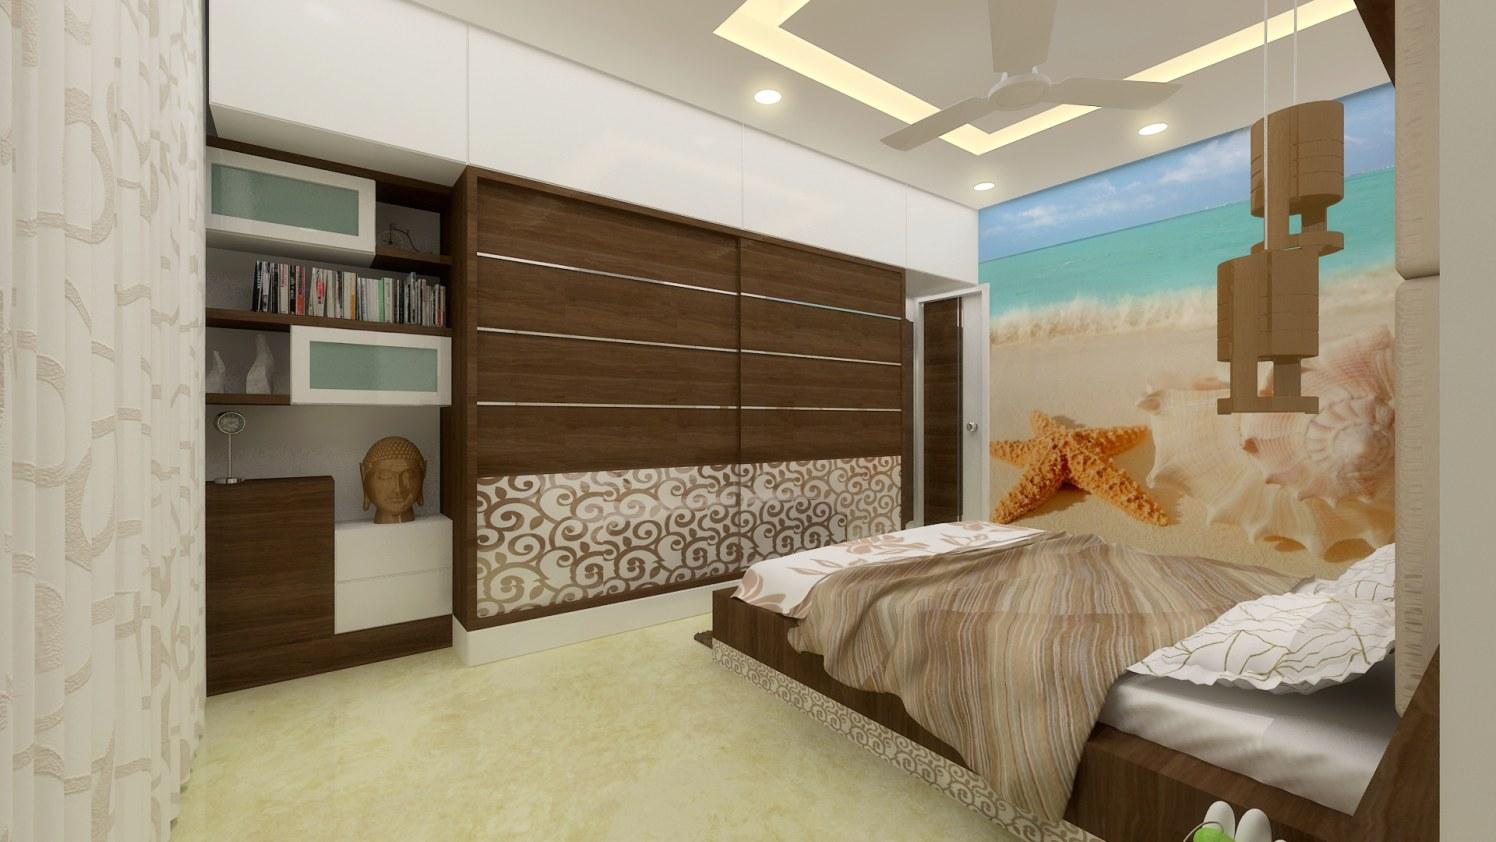 Contemporary wooden closets by Ashwiinii saluunkhe Contemporary | Interior Design Photos & Ideas